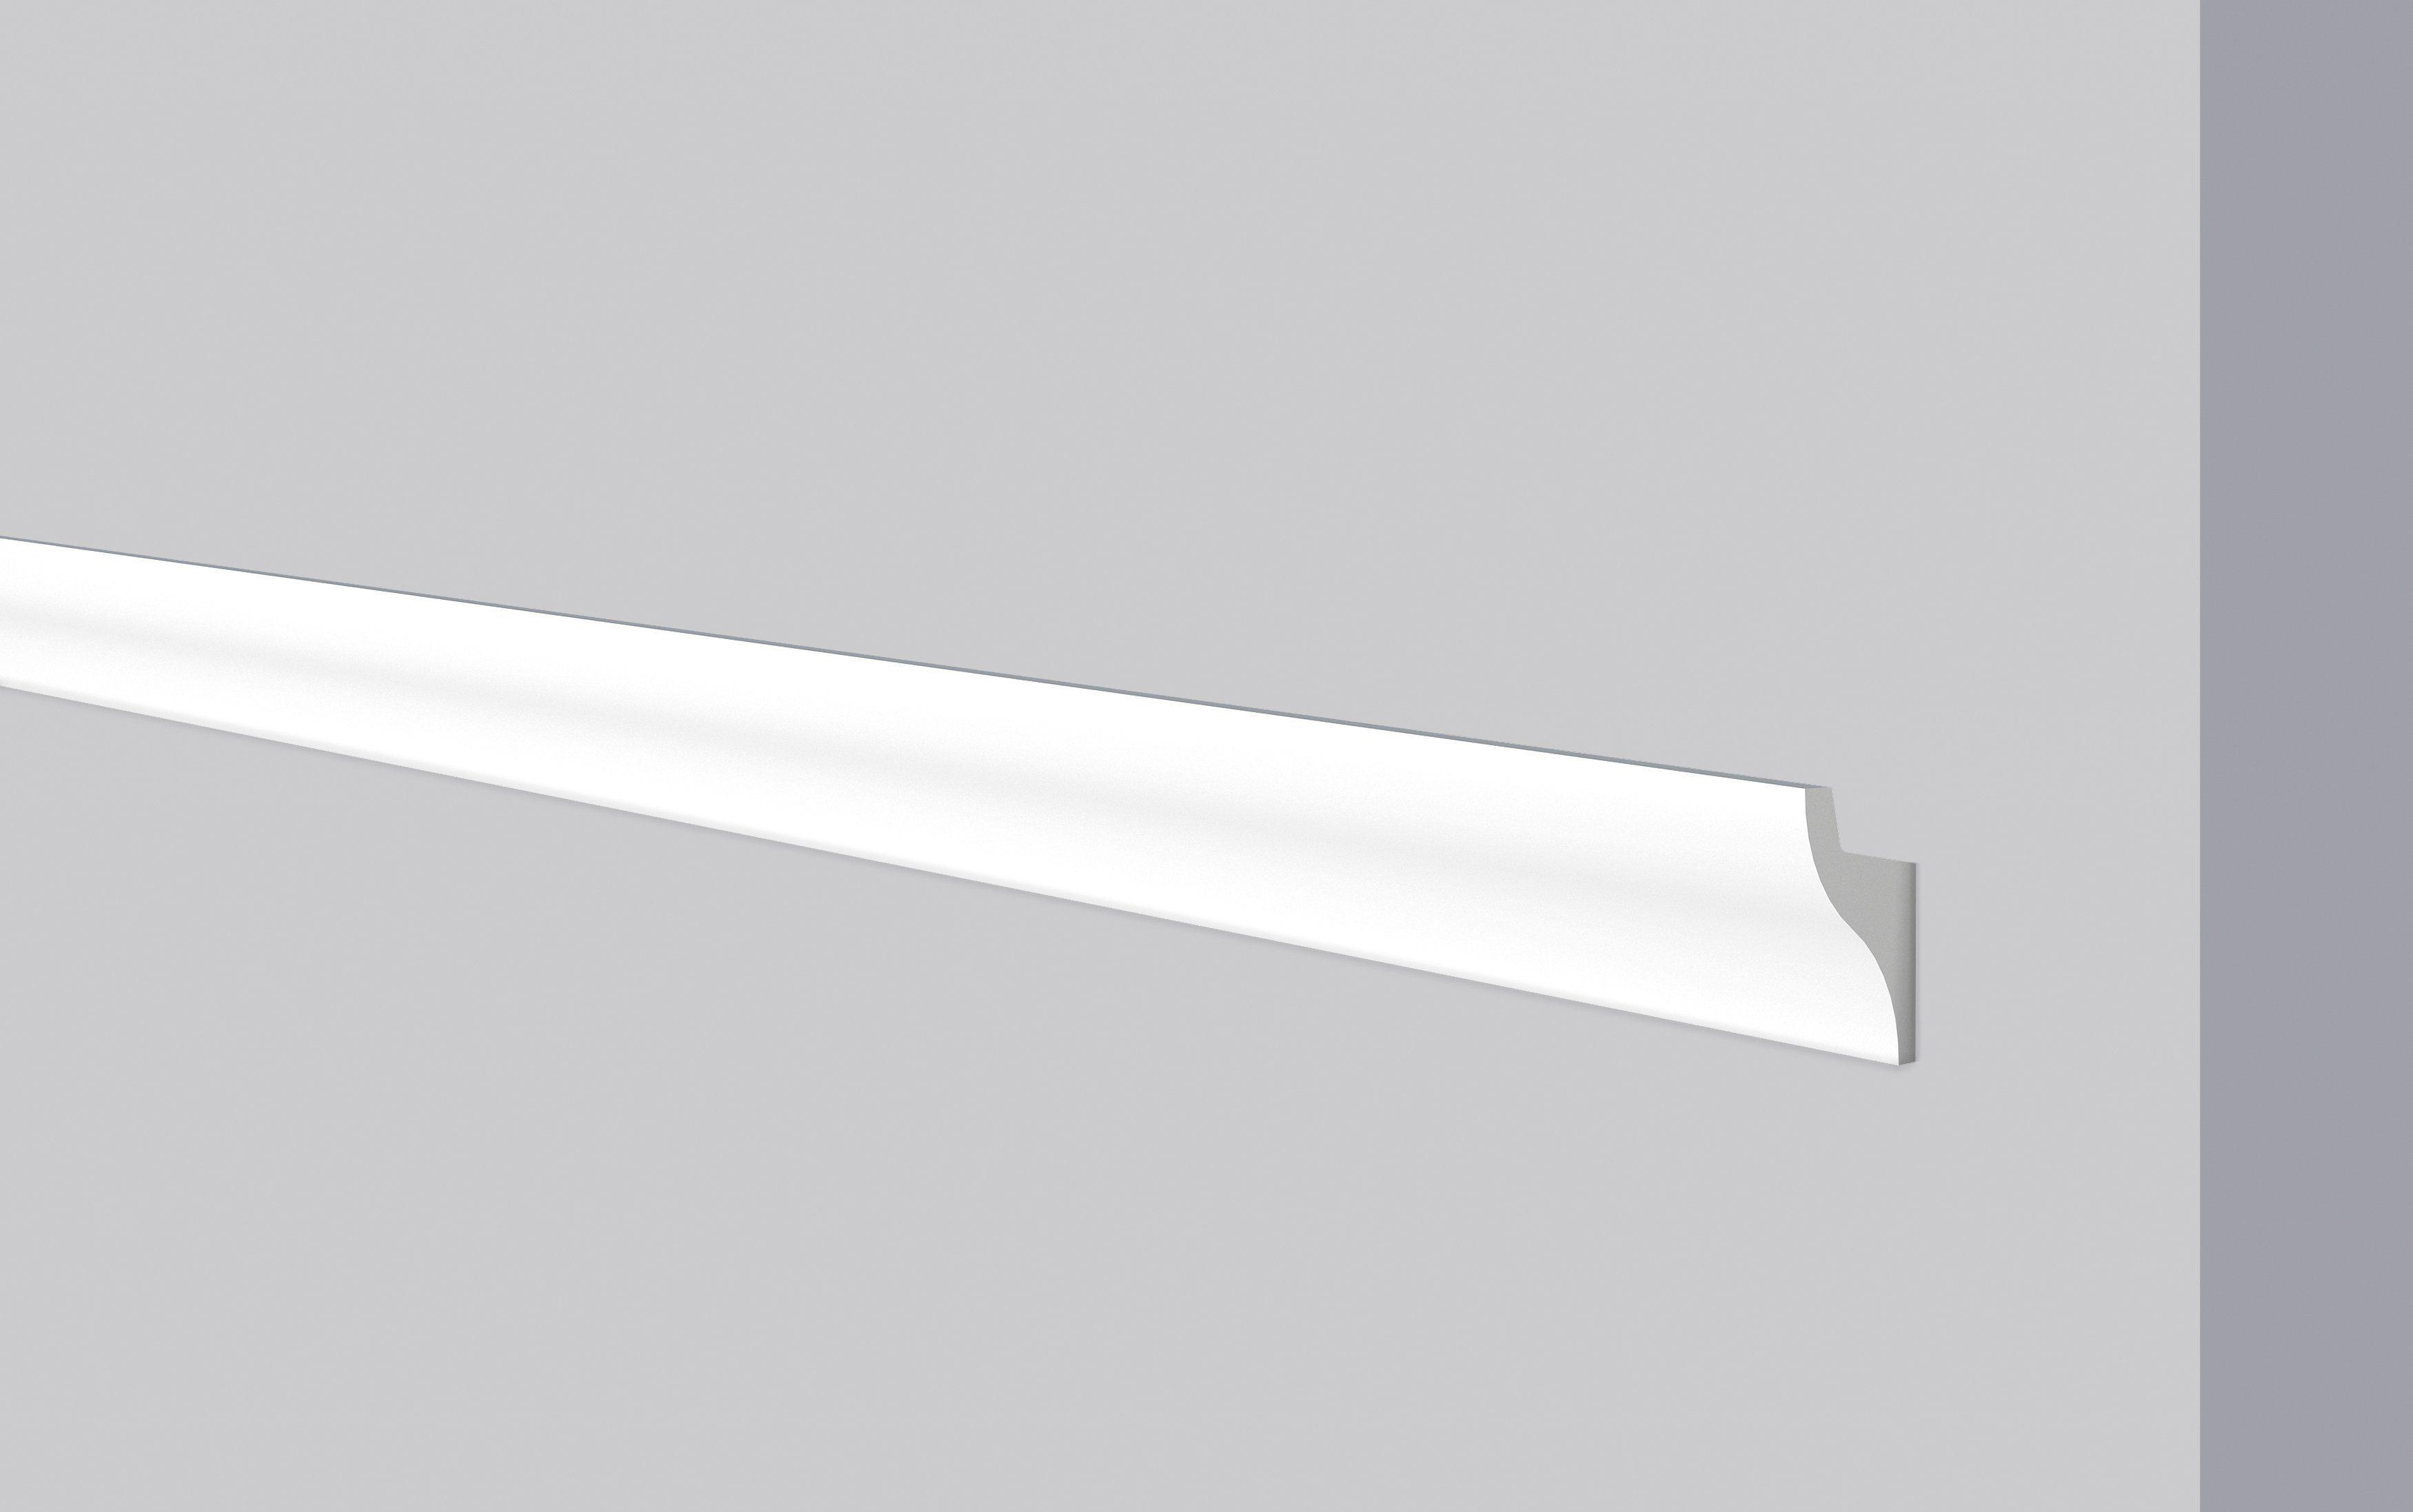 DECOFLAIR Set: Kantenleiste »Decoflair®Lichtleiste CL11«, 5 Stück, 32,5 x 50 mm, Länge: 1 m